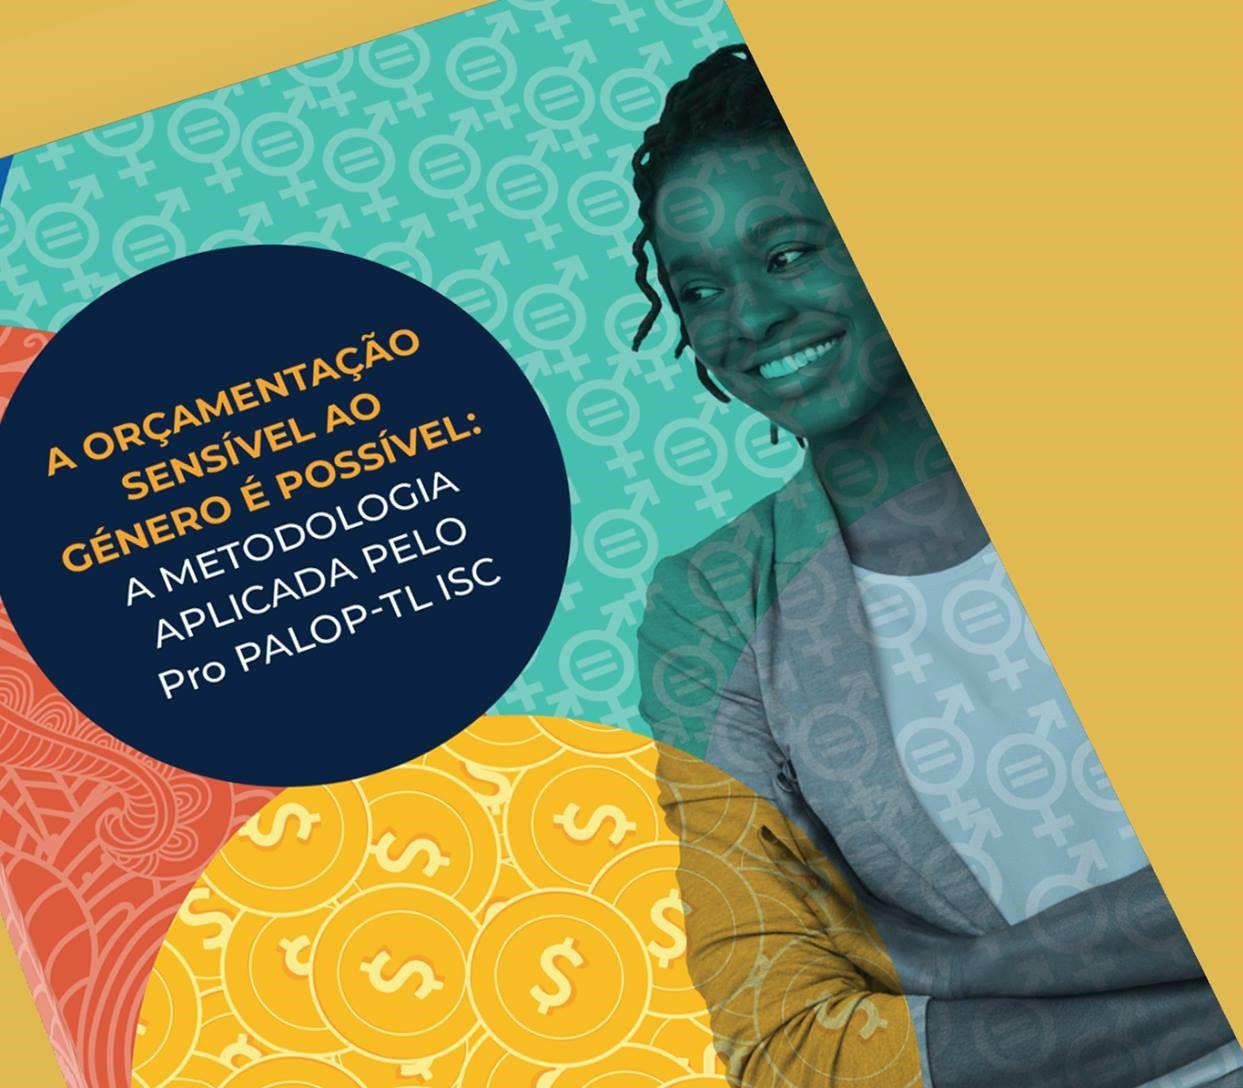 Lançamento da publicação Orçamentação Sensível ao Género é Possível: A Metodologia Aplicada